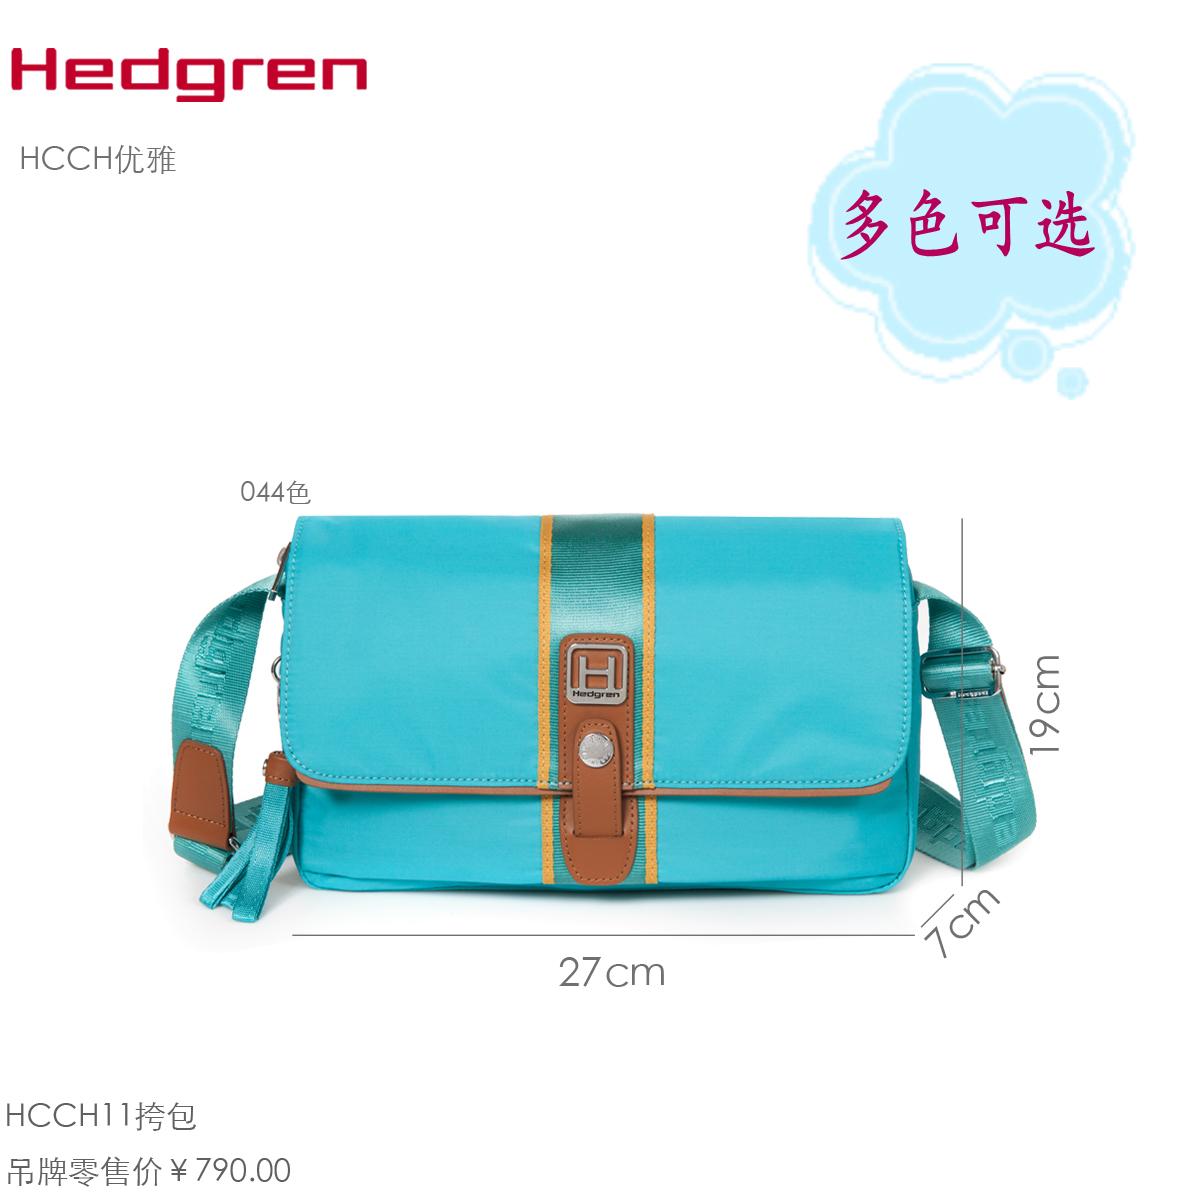 国内代购▲Hedgren 海格林HCCH11商务通勤单肩斜挎包18*27cm专柜